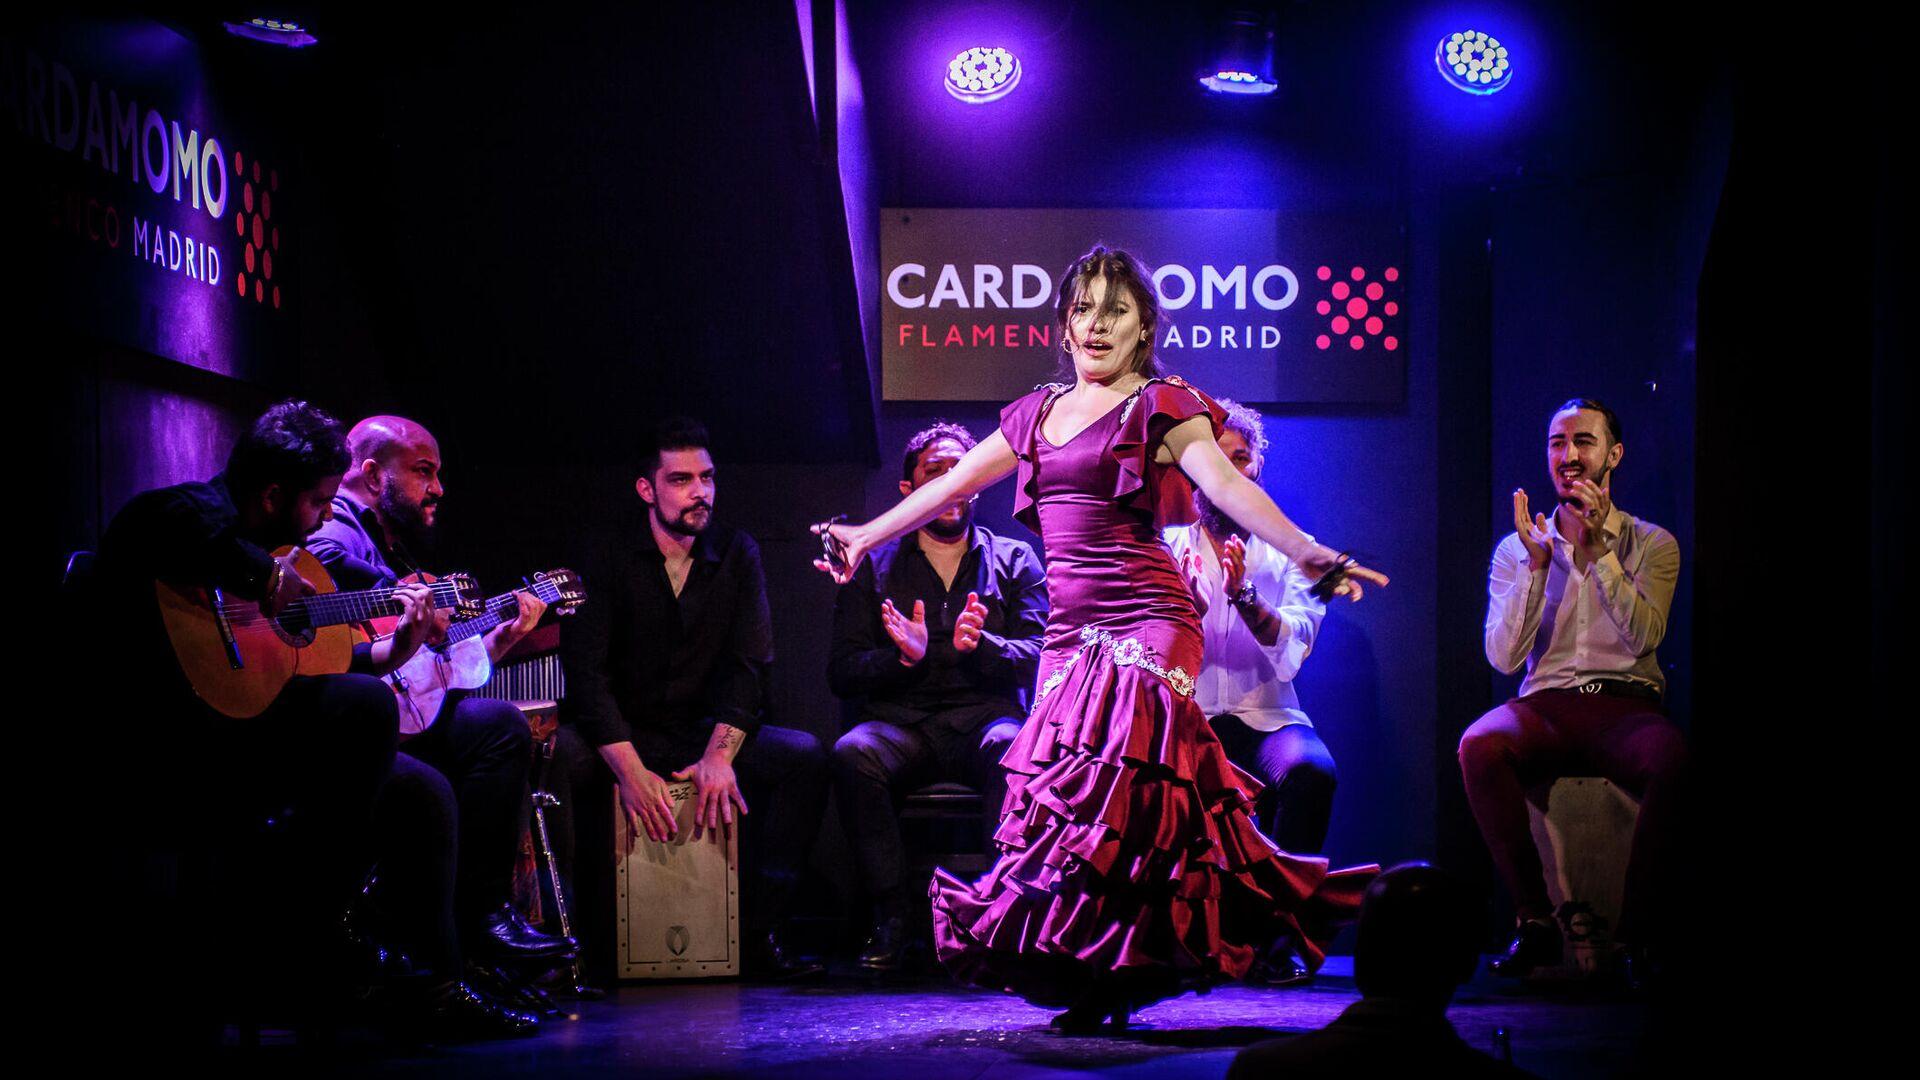 Actuación flamenca en el tablao Cardamomo, en el centro de Madrid - Sputnik Mundo, 1920, 06.06.2021